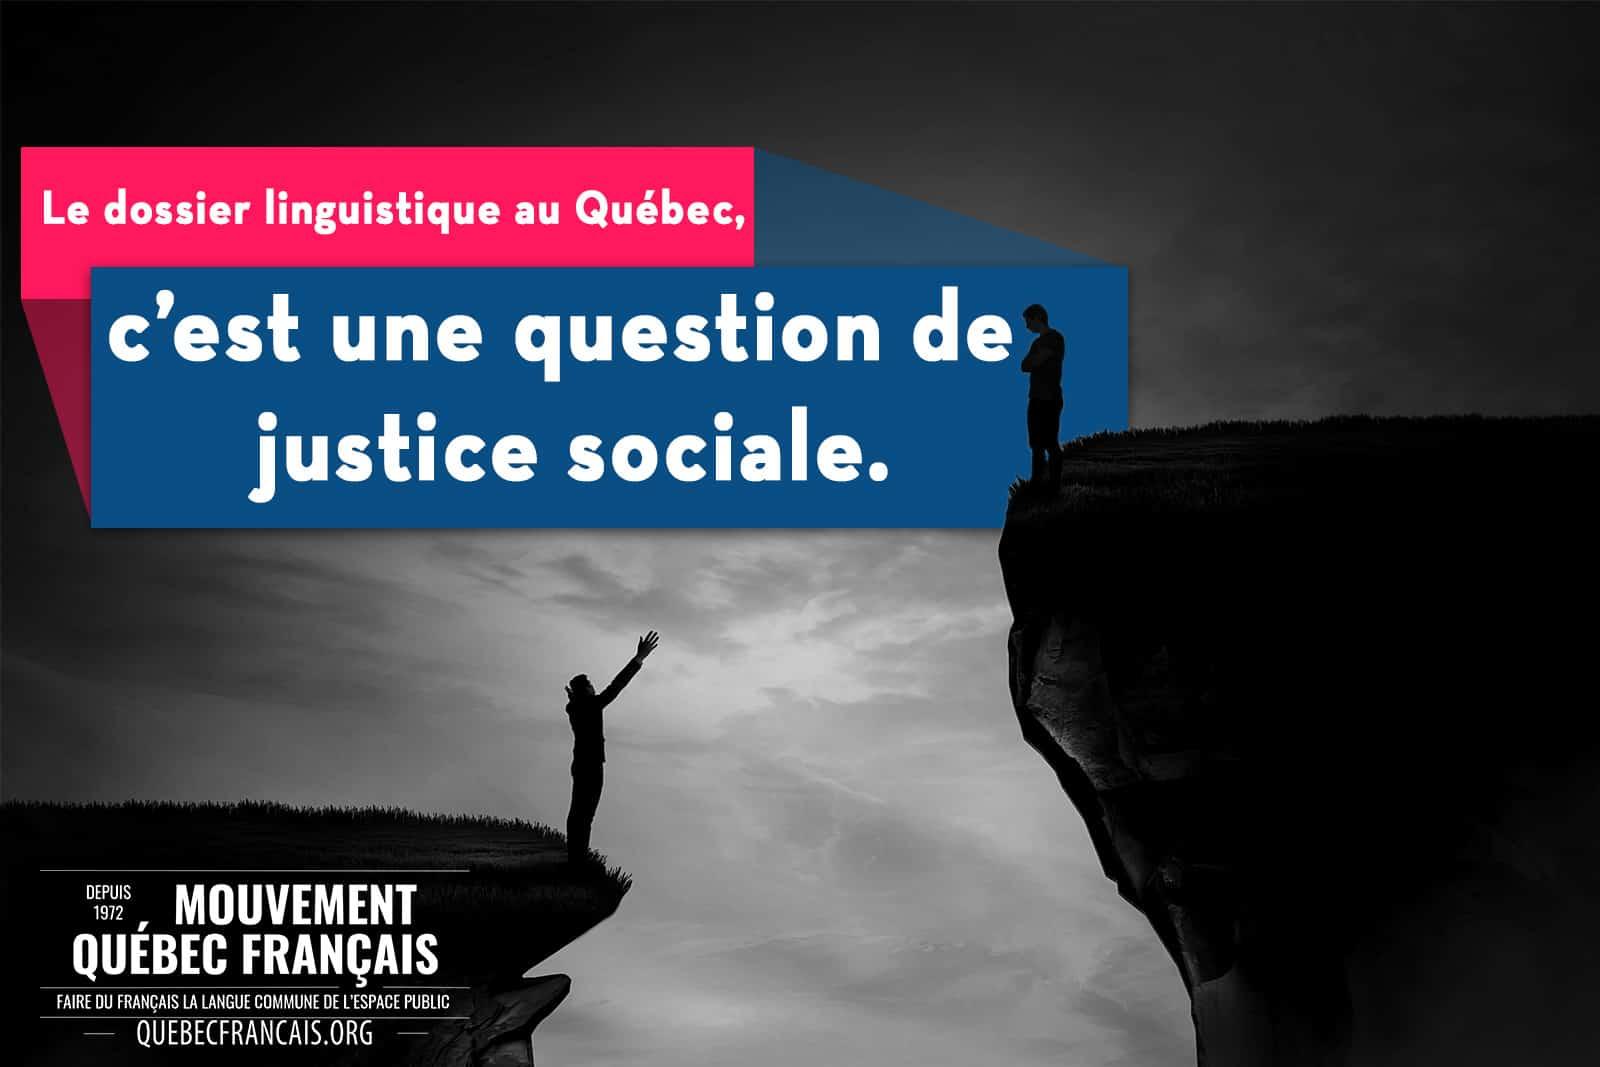 Le dossier linguistique au Québec est une question de justice sociale